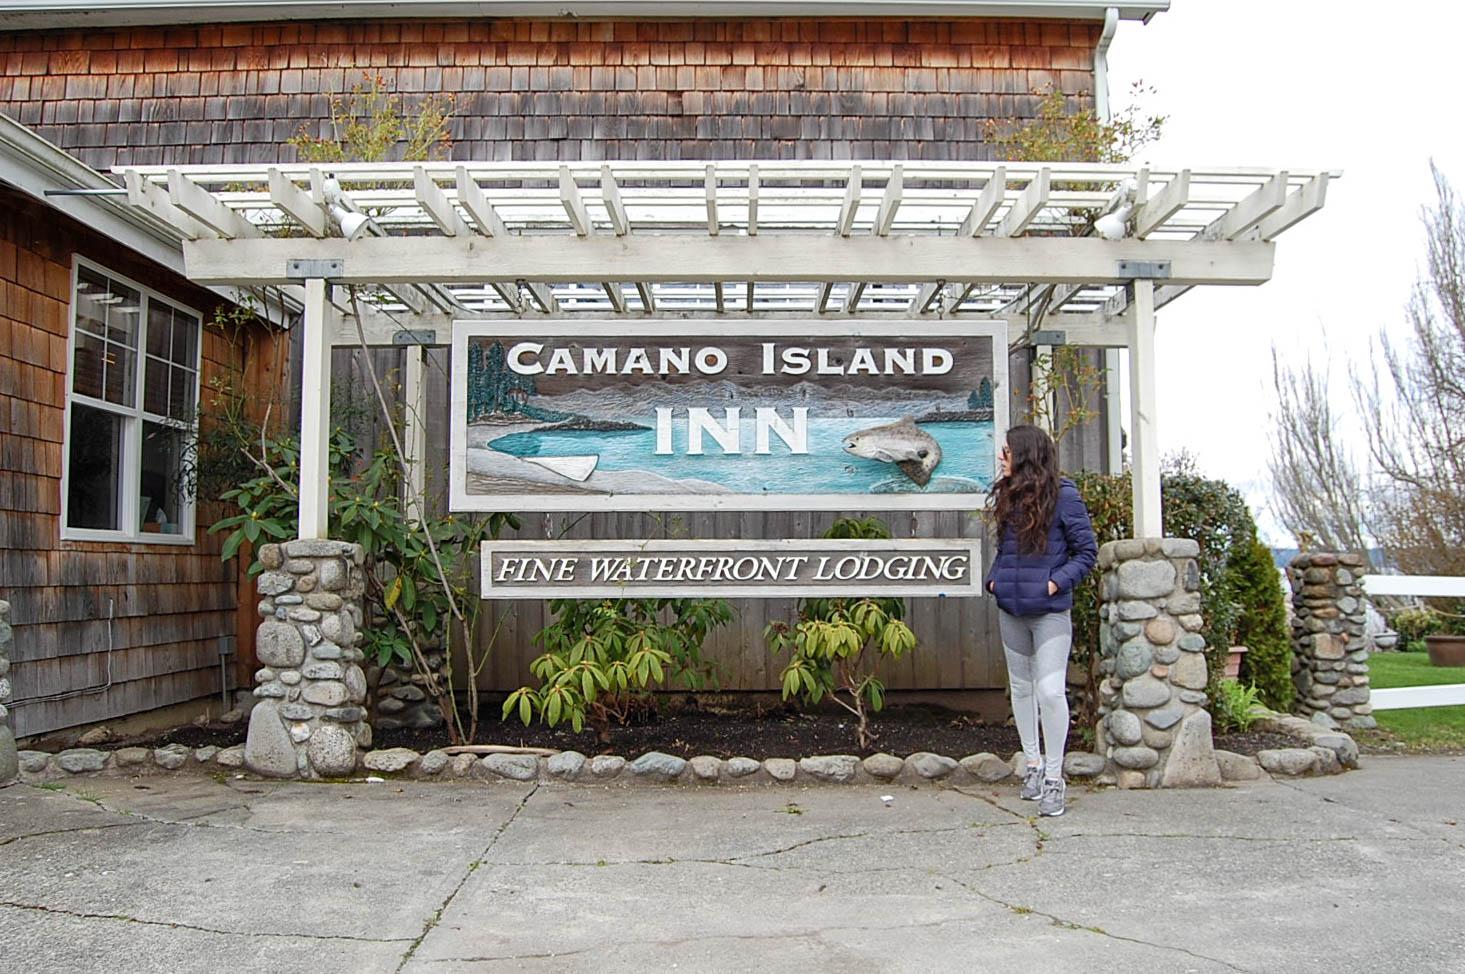 A Weekend Getaway to Camano Island